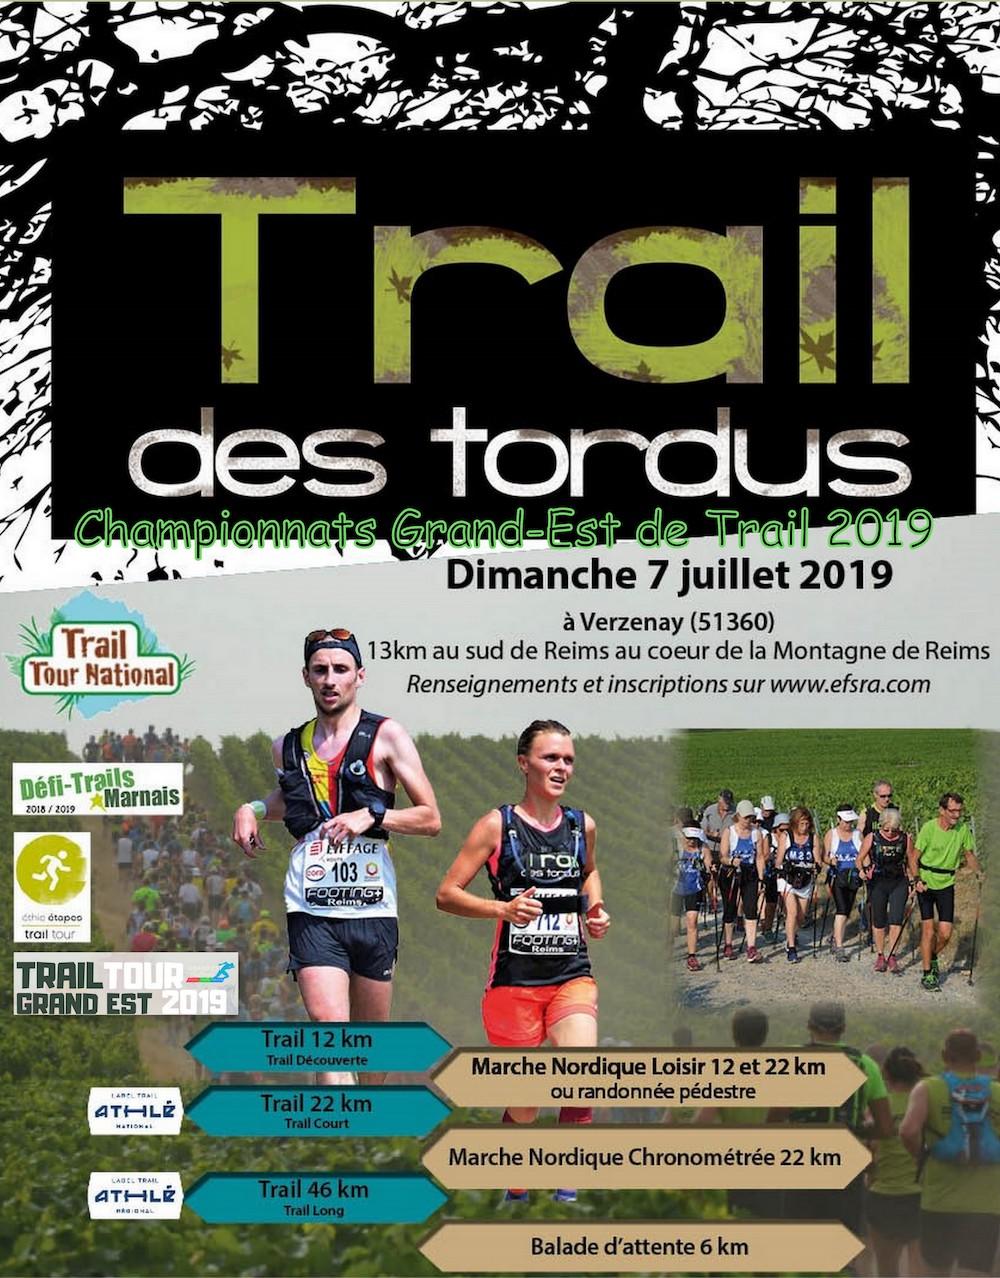 Affiche-Trail-des-Tordus-2019